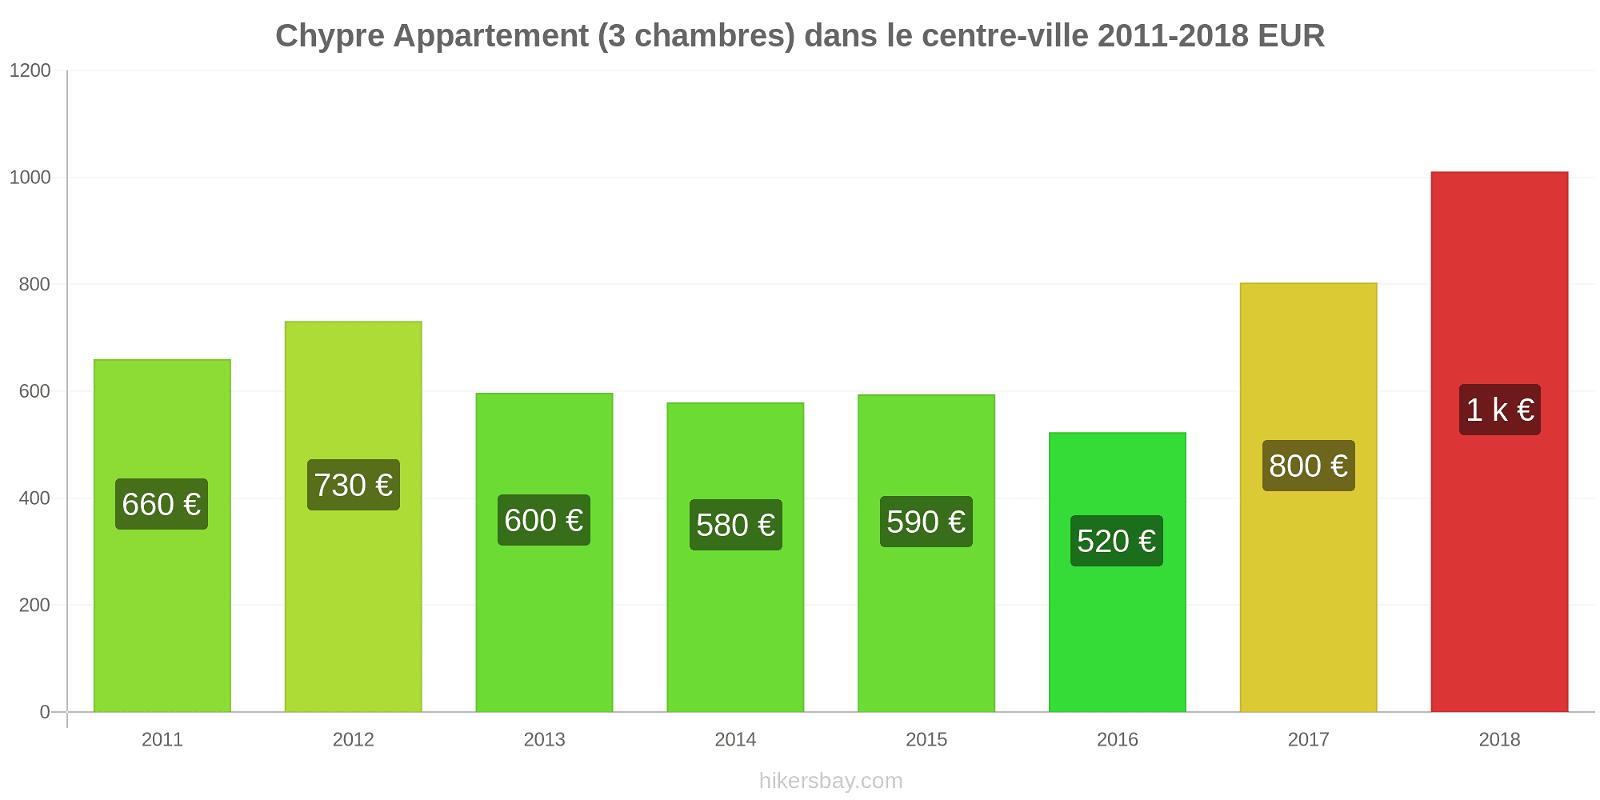 Chypre changements de prix Appartement (3 chambres) dans le centre-ville hikersbay.com